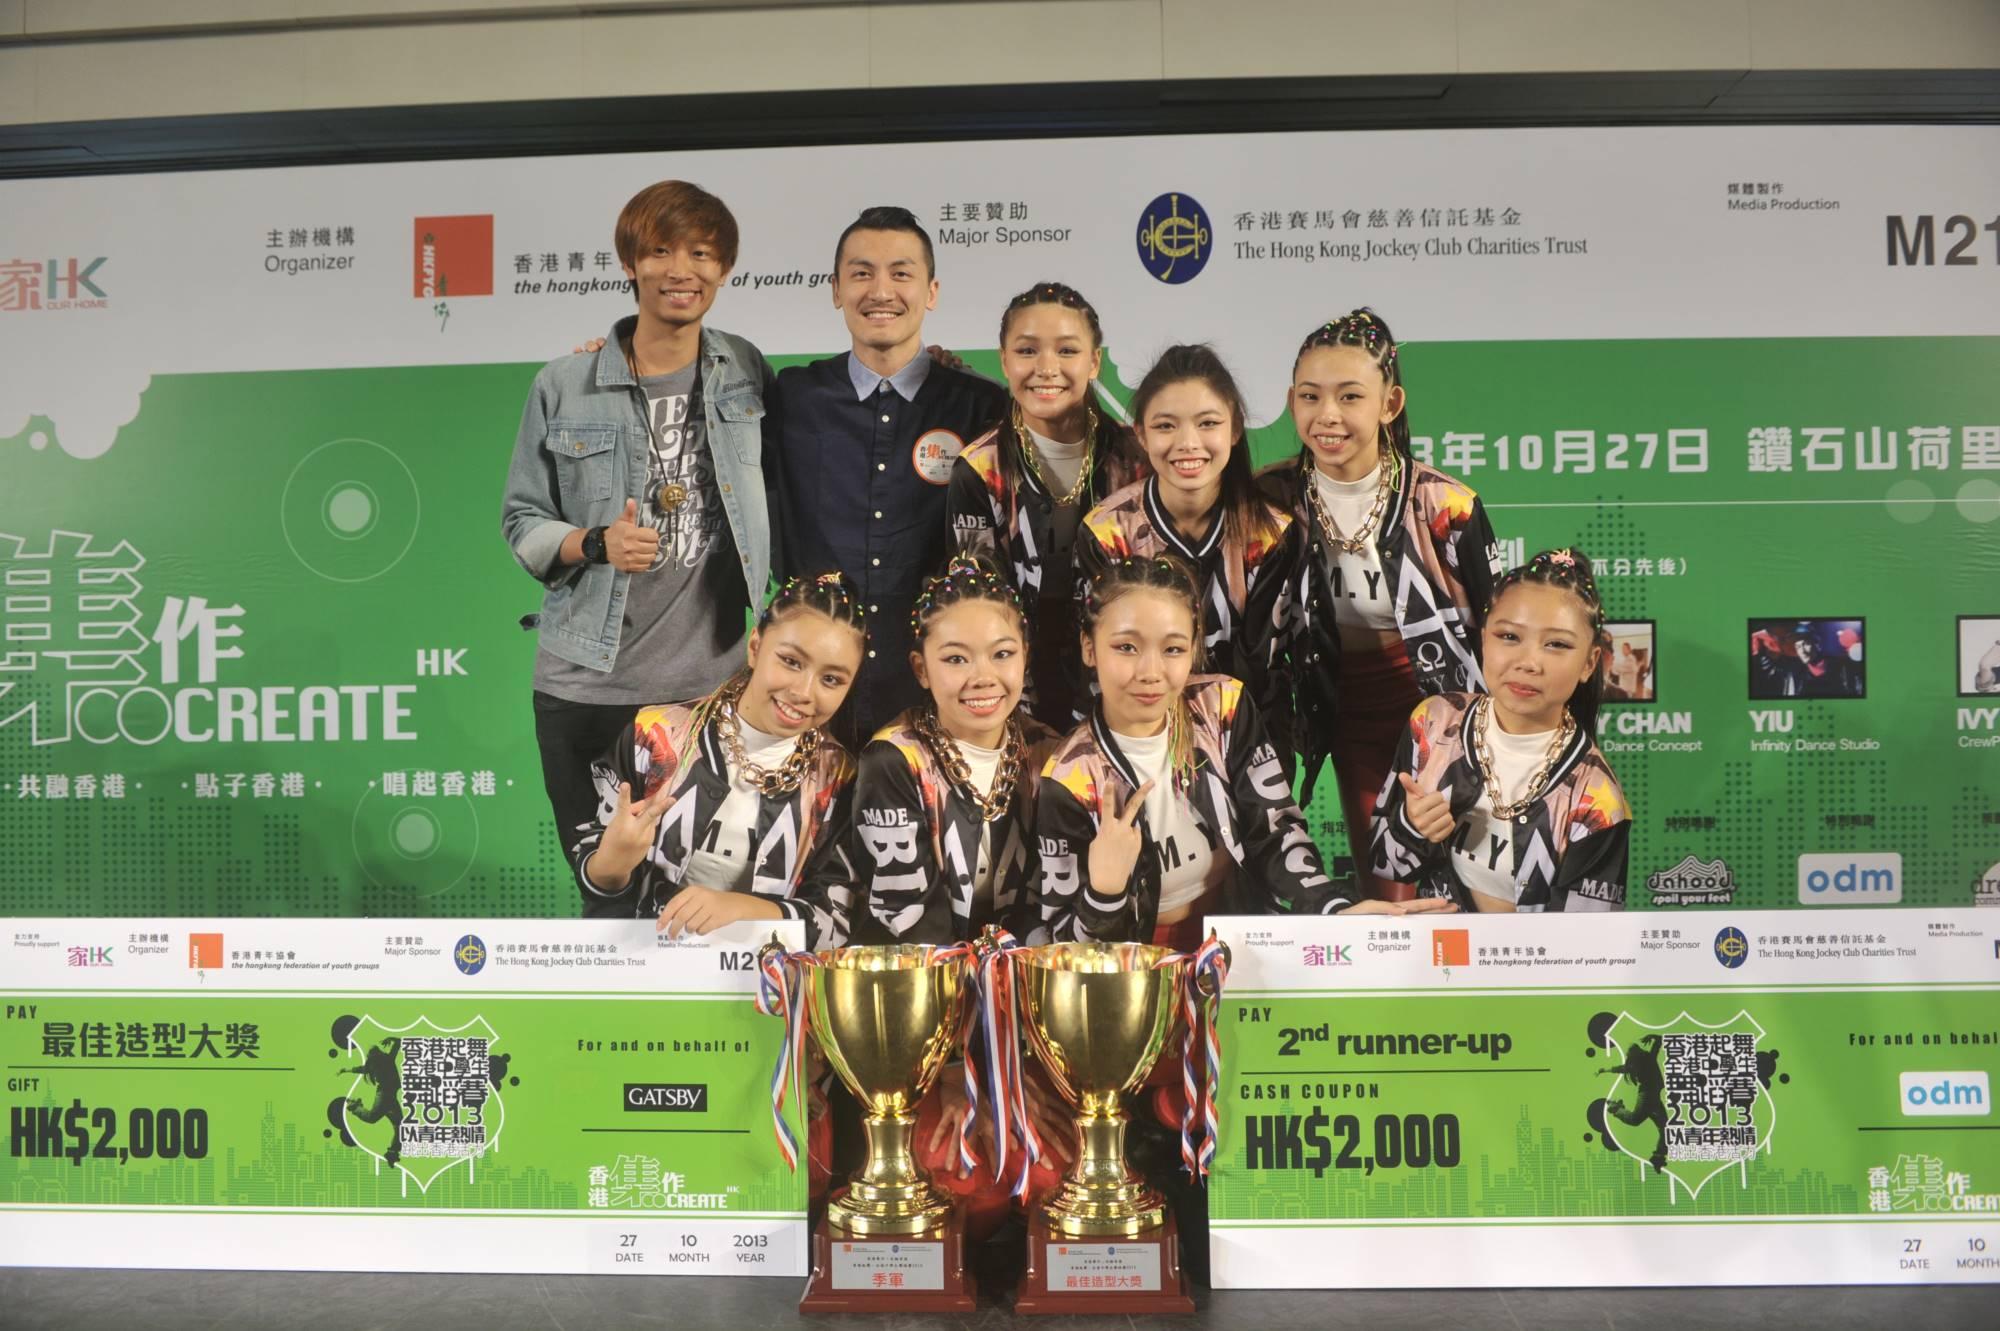 全港中學生舞蹈賽2013得獎隊伍 (5)